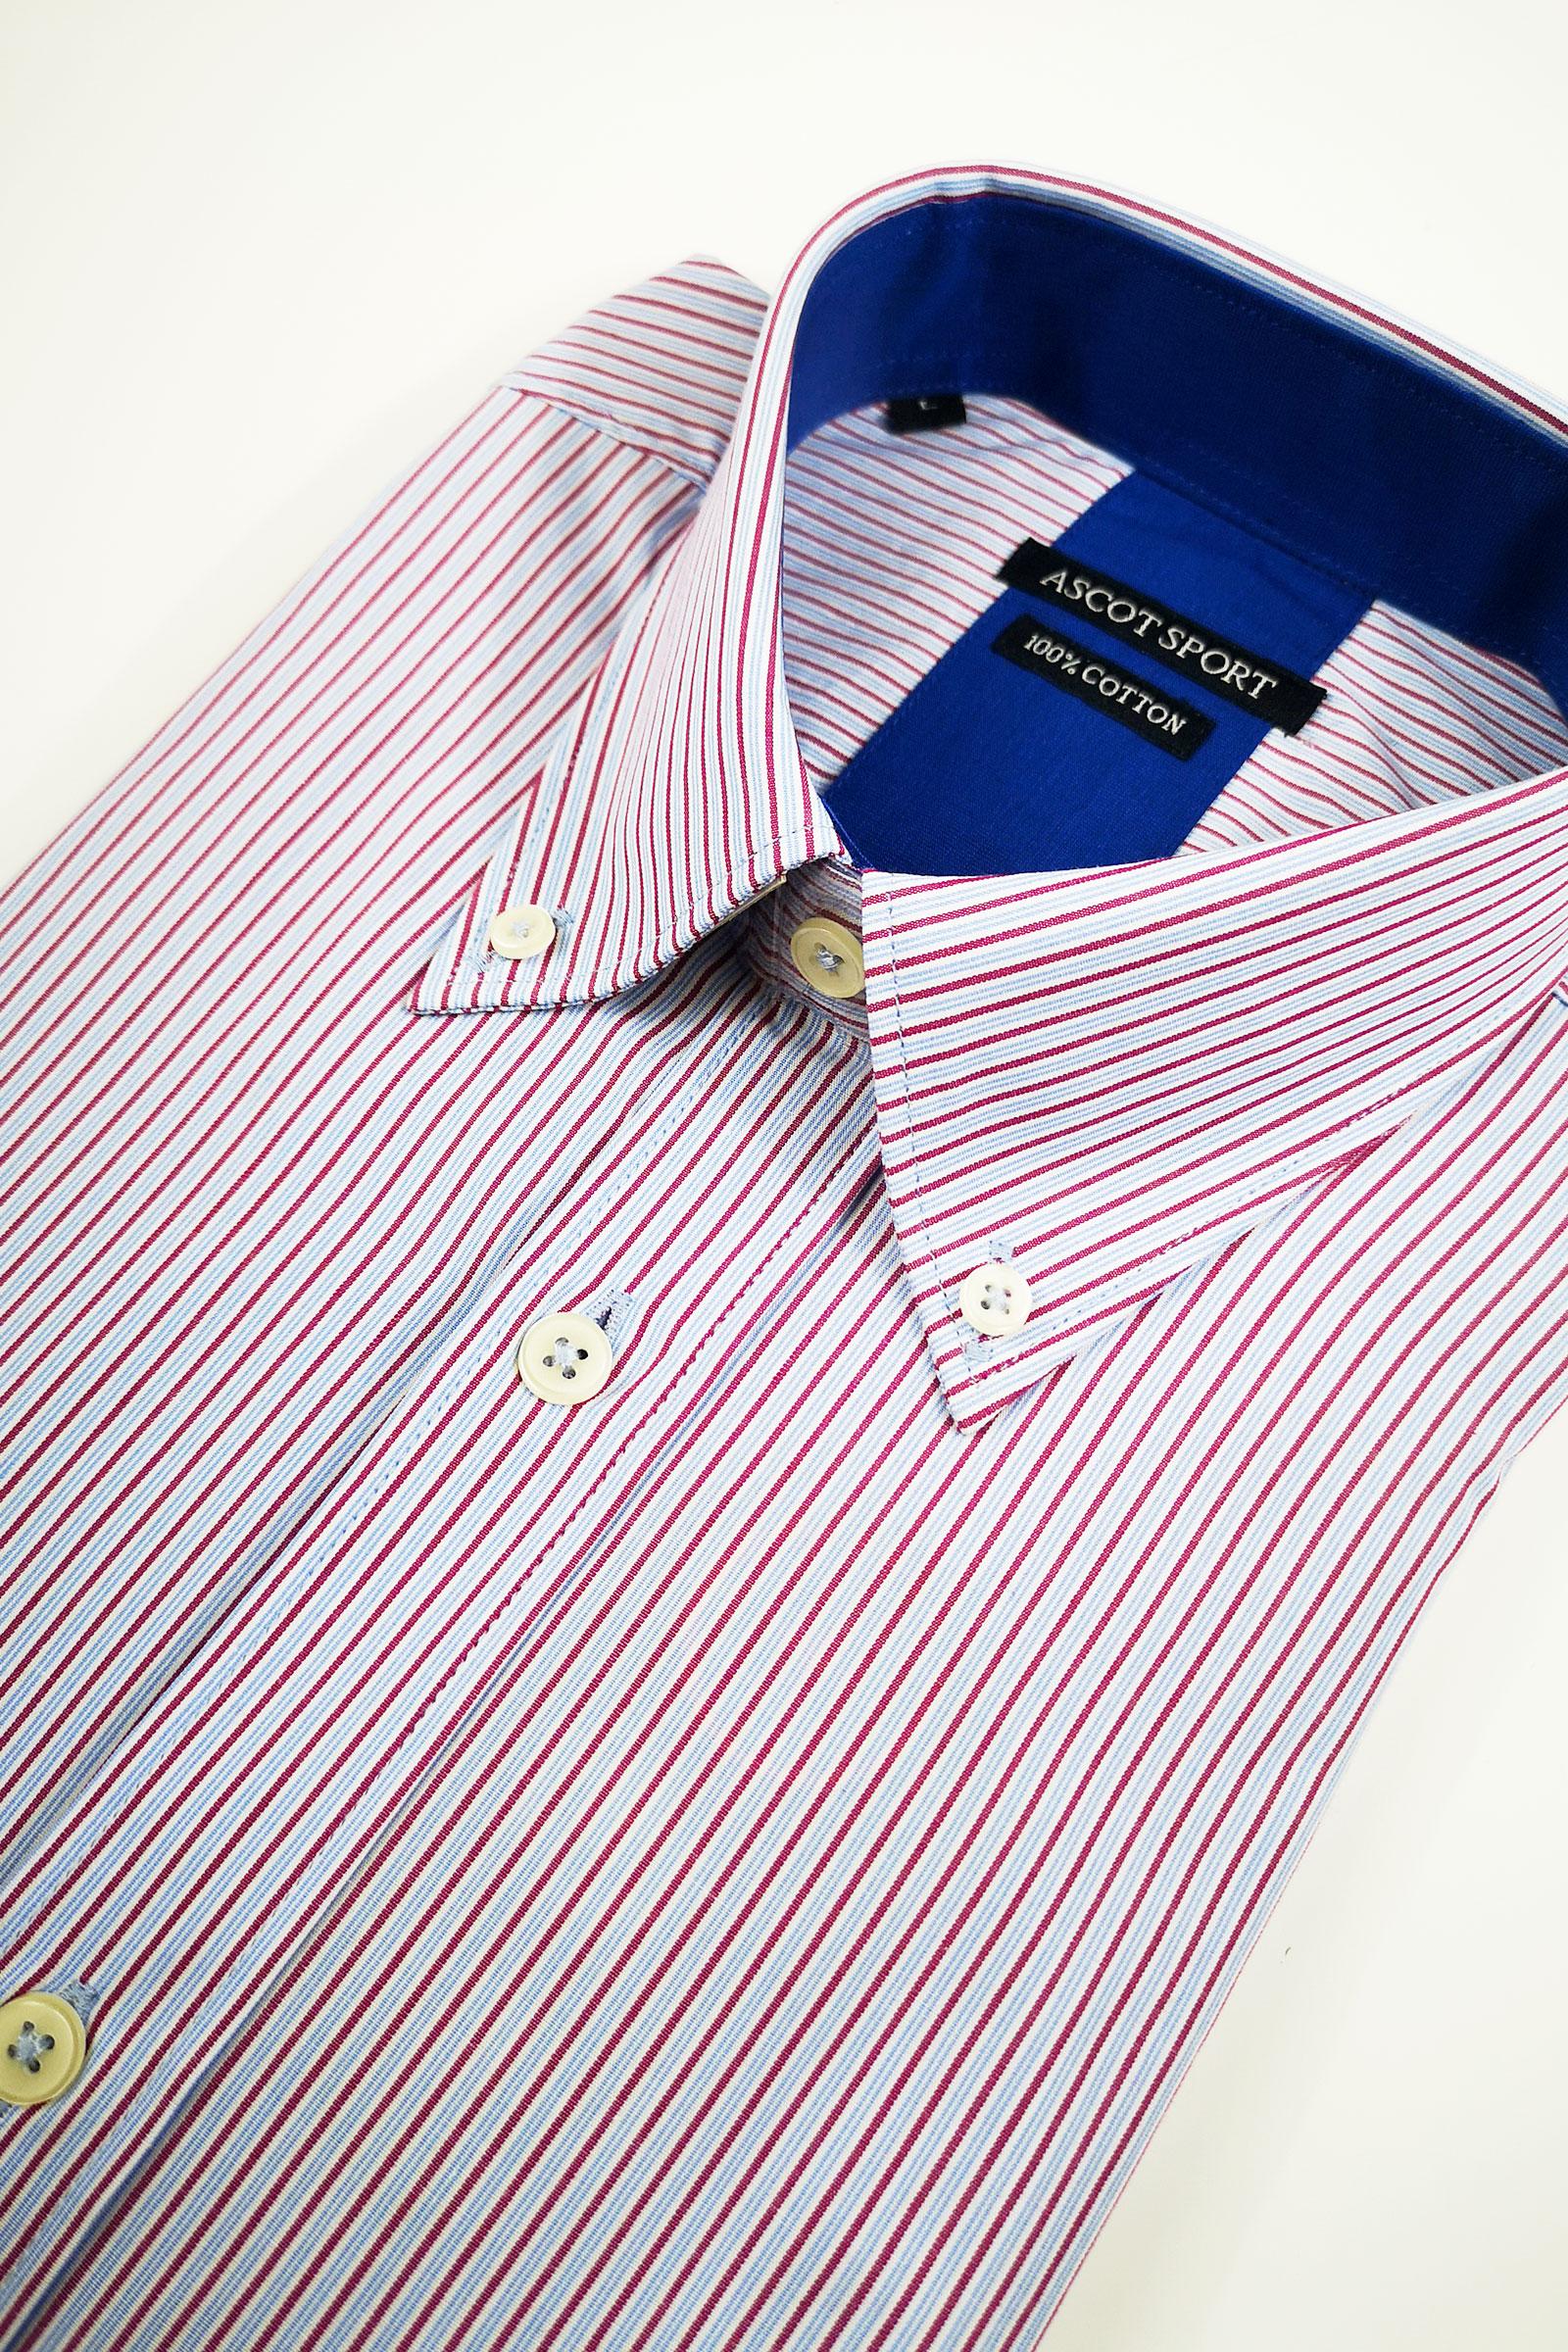 ASCOT Men's Shirt ASCOT | Shirt | ST15773-20415